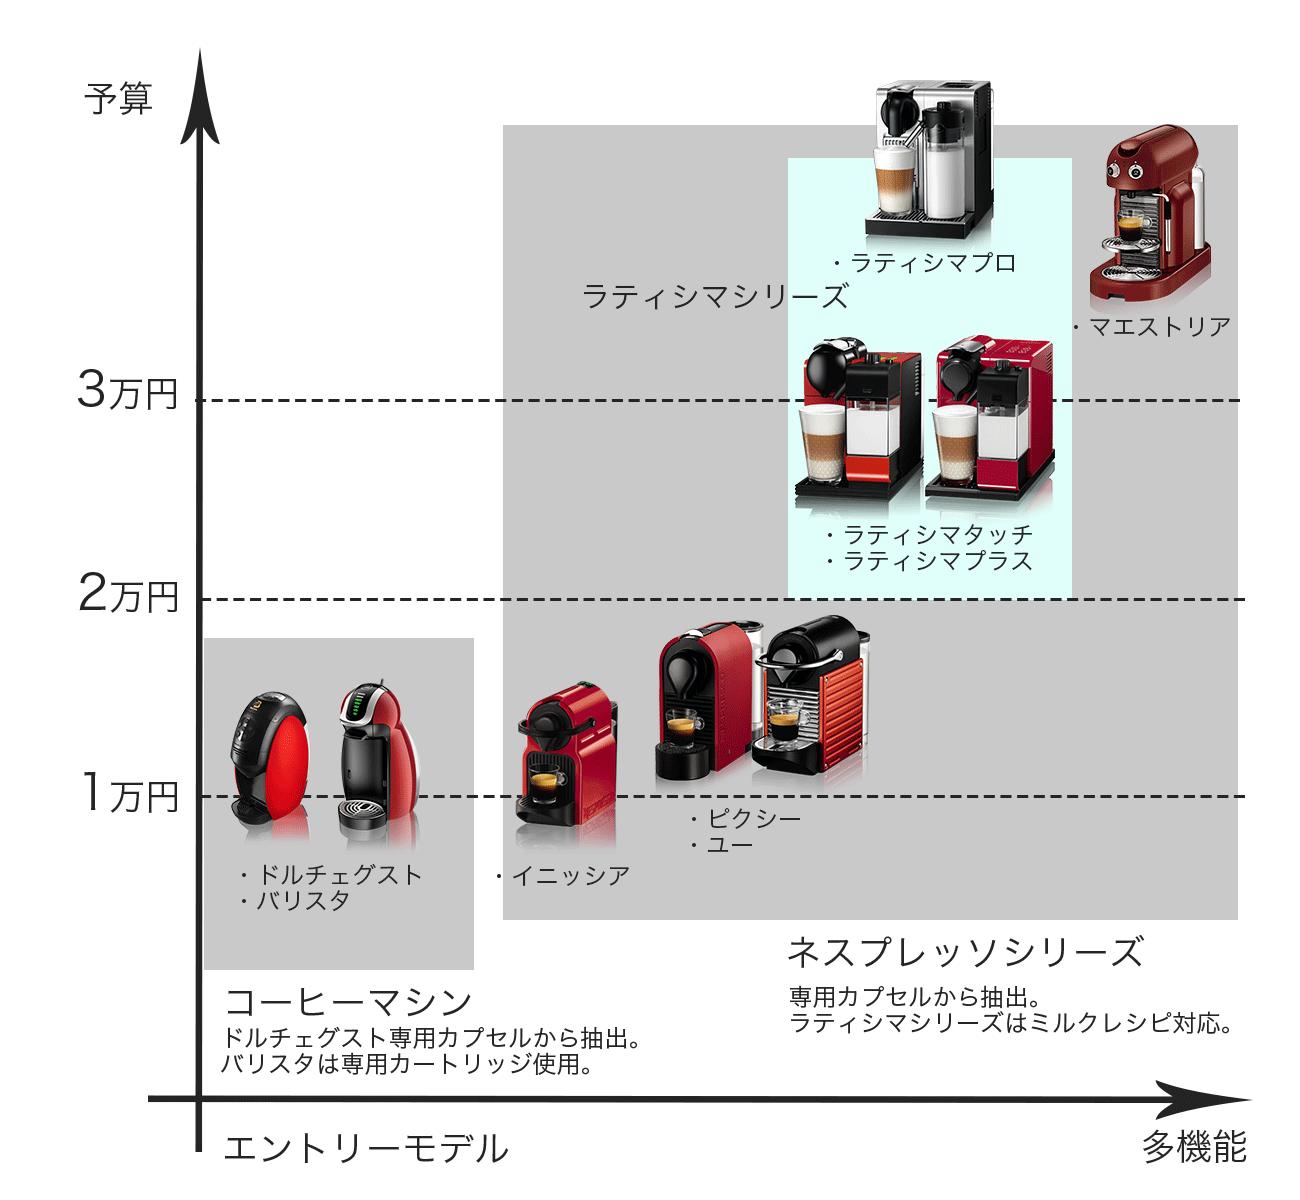 ネスカフェシリーズ一覧 機能価格比較図